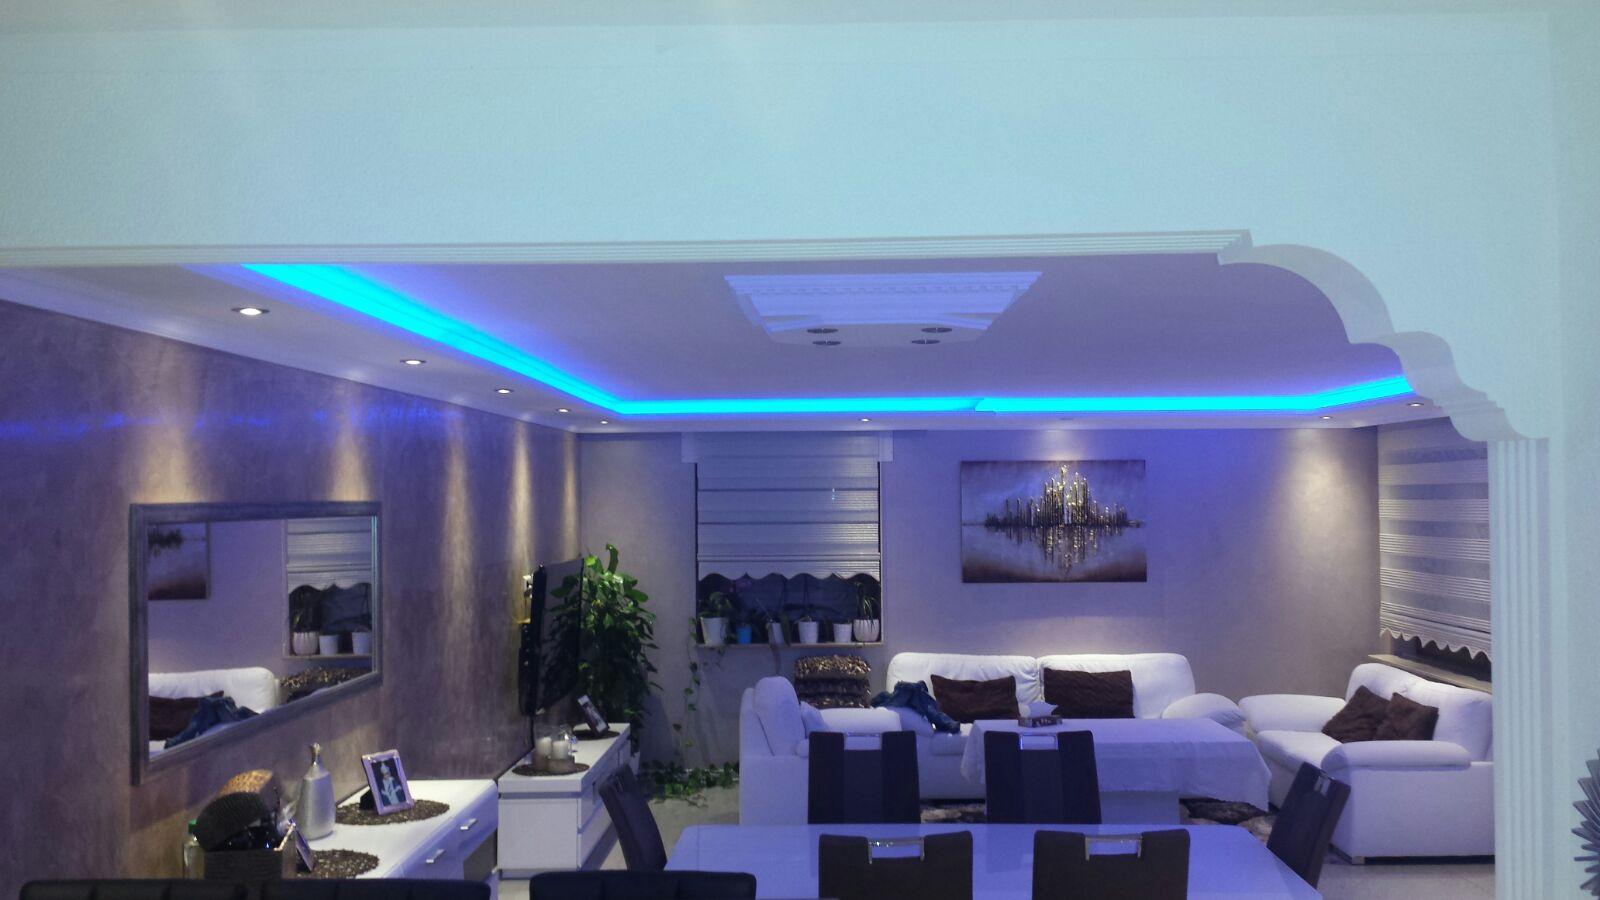 2 Meter Indirekte Beleuchtung Led Lichtprofile Wand Decken Beleuchtung Bl 10 Aydin Stuck